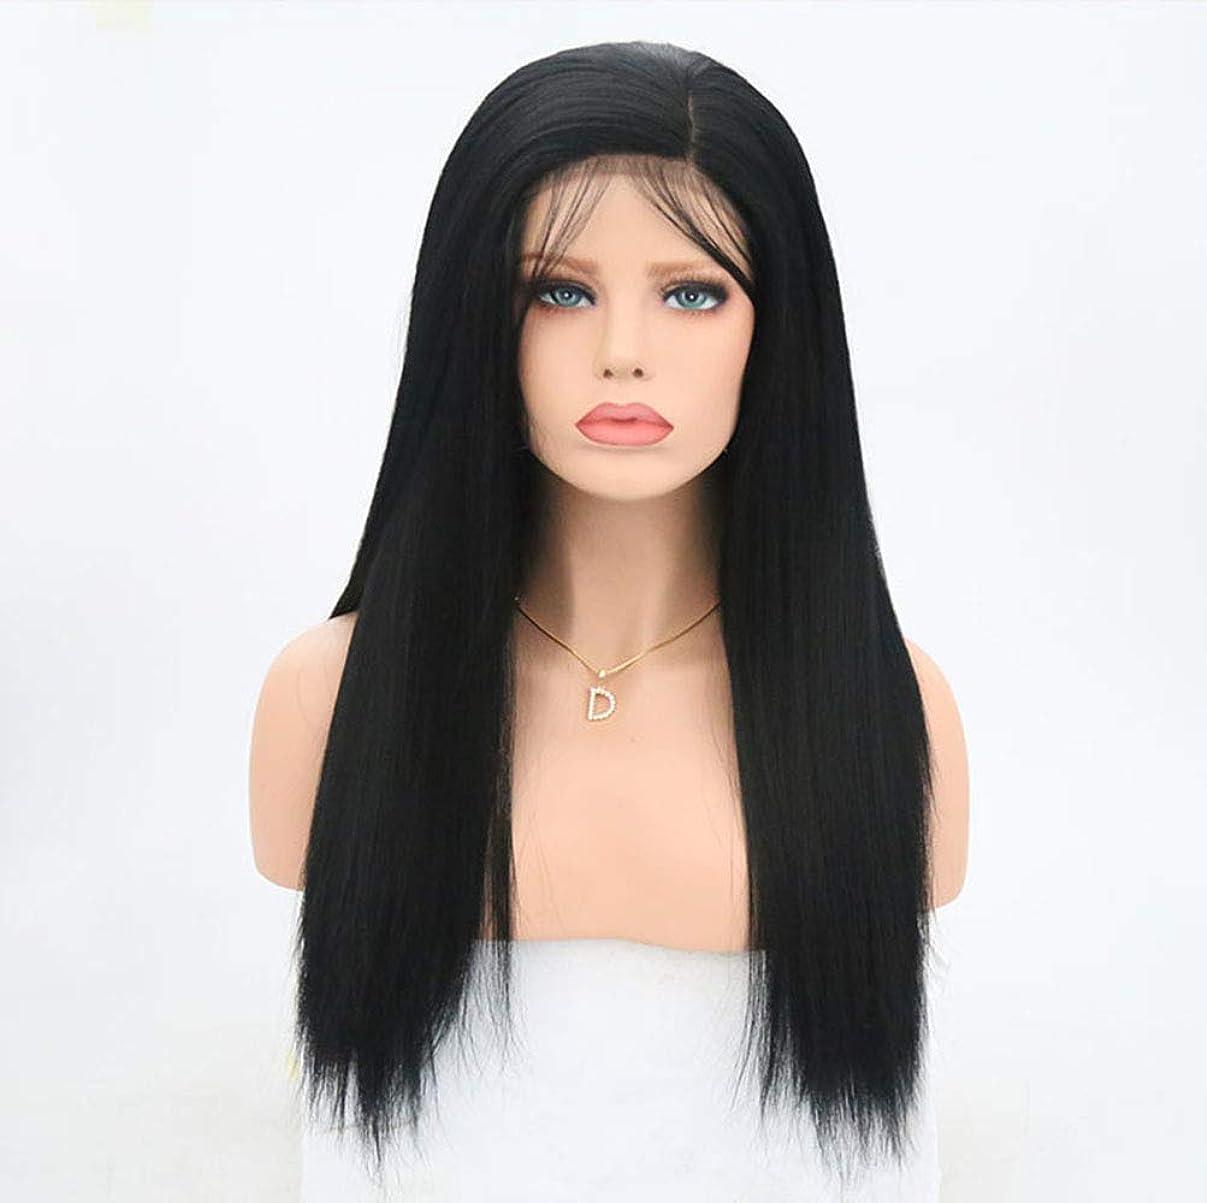 氏エゴイズムラフ睡眠合成耐熱ボブの短い髪のかつらのためのレディース150%密度レースフロントストレートかつら